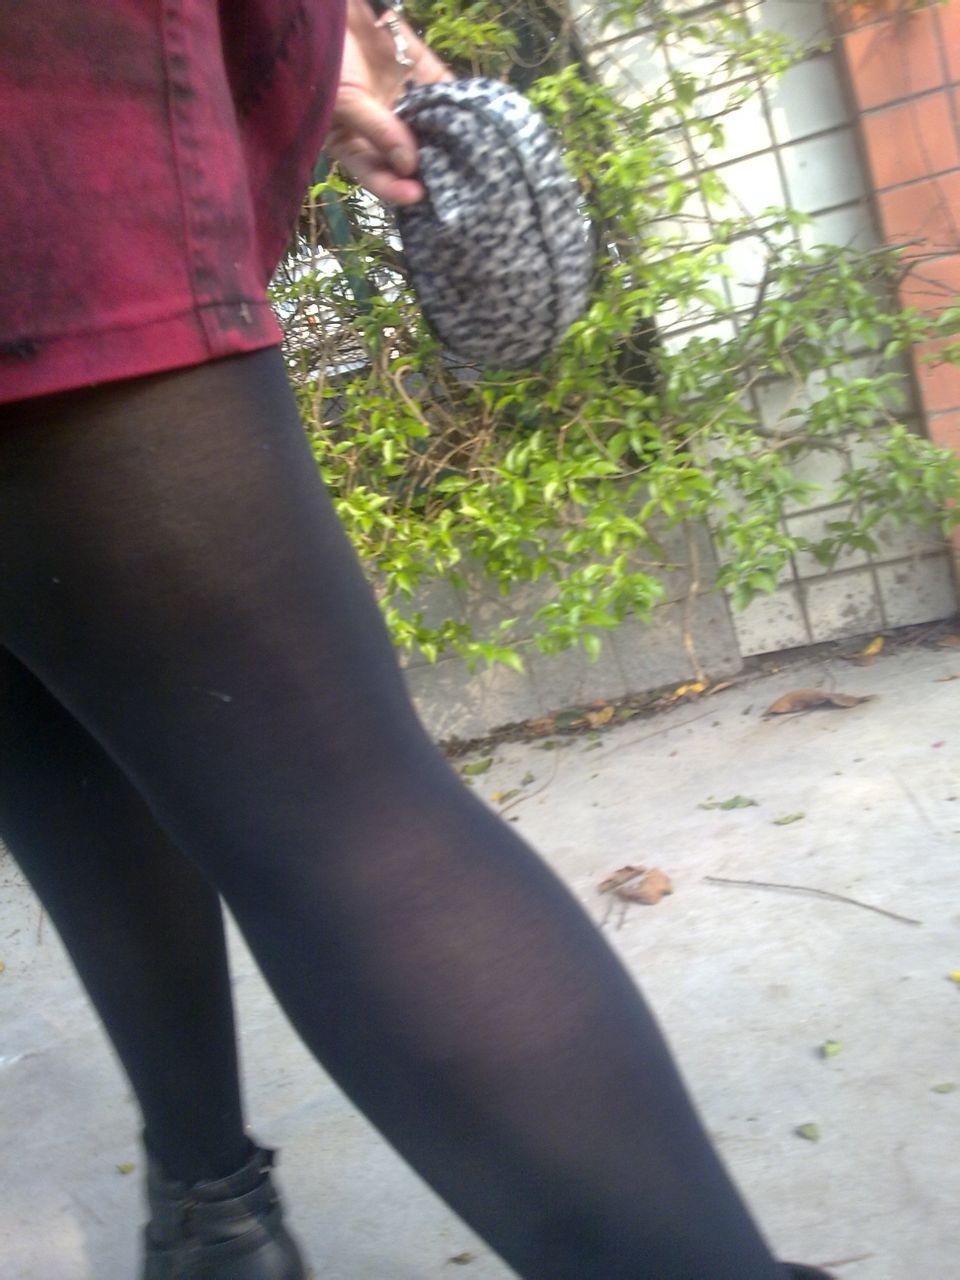 疯狂丝袜做爱故事_姐姐的丝袜昨天在阳台晒,我偷偷摸摸,被她看到了,问我